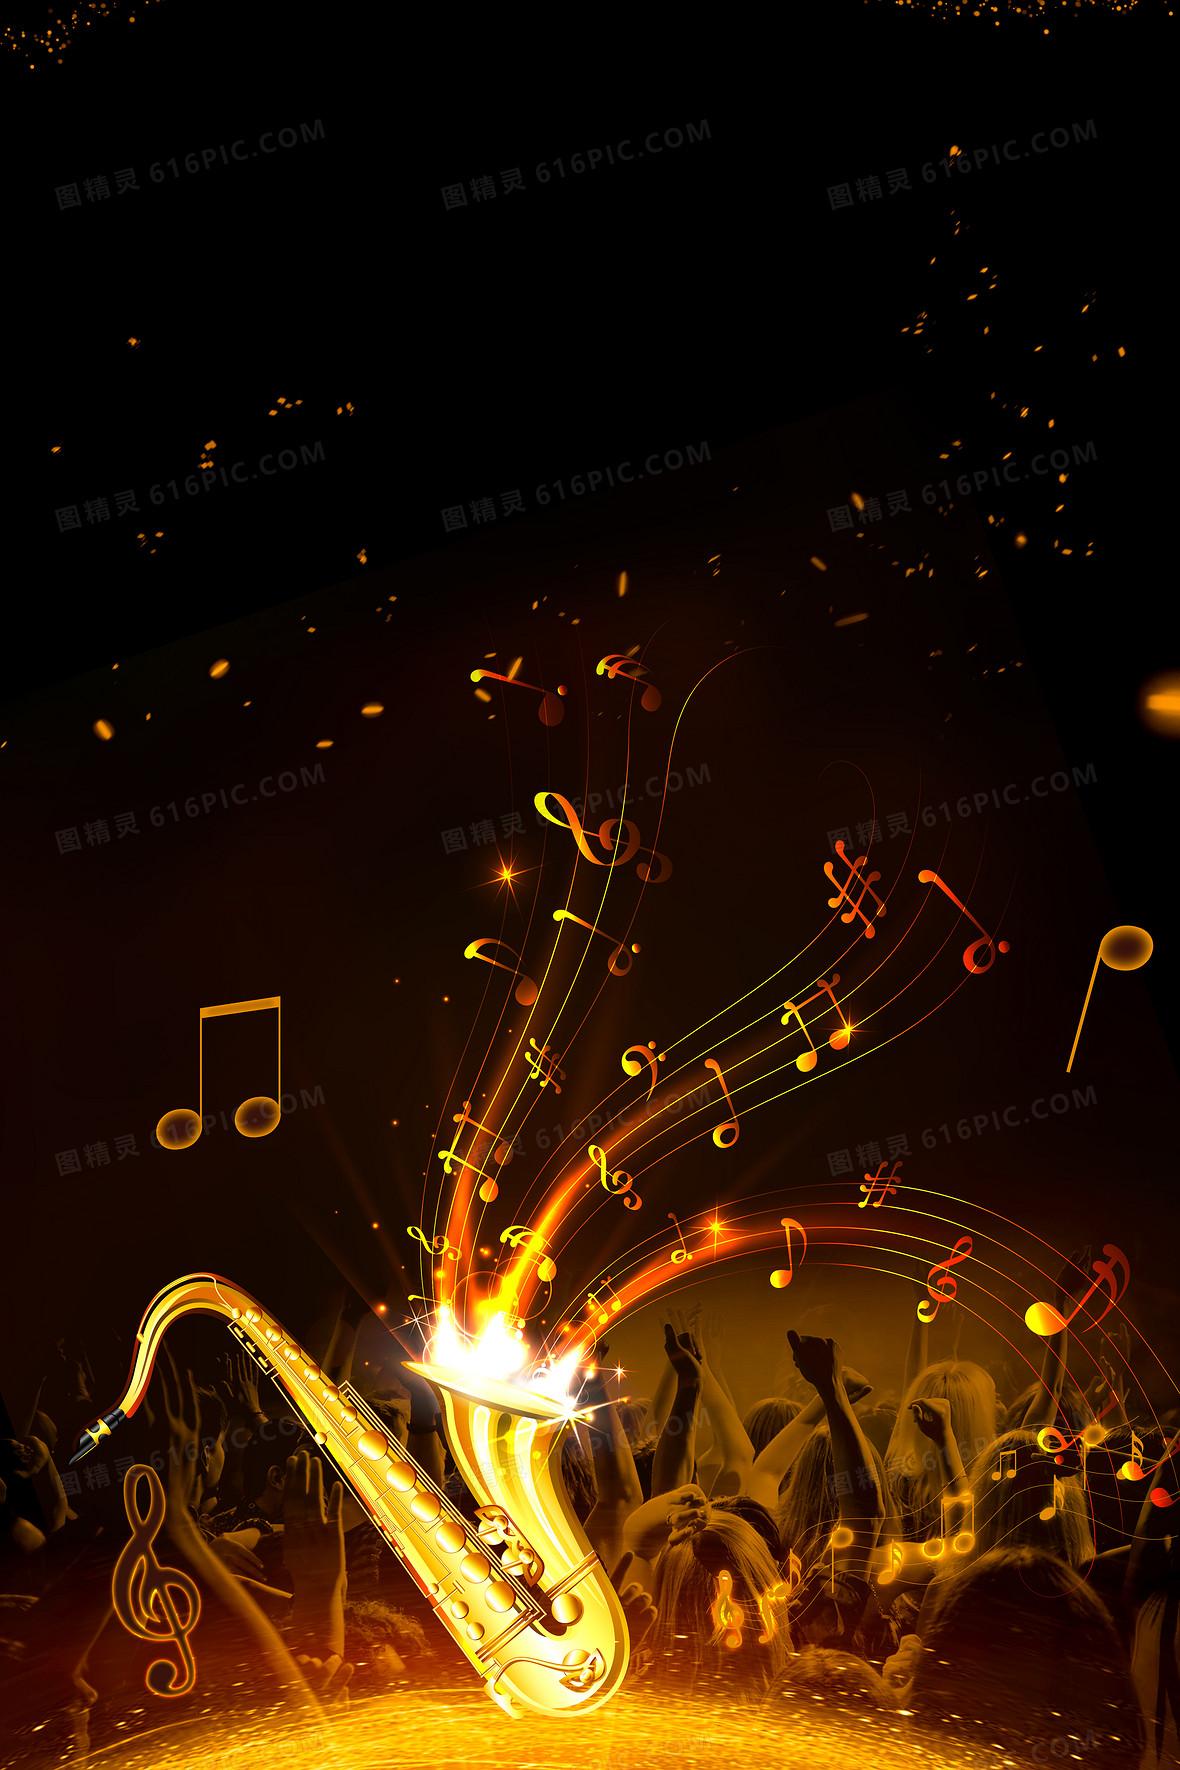 音乐节海报背景素材